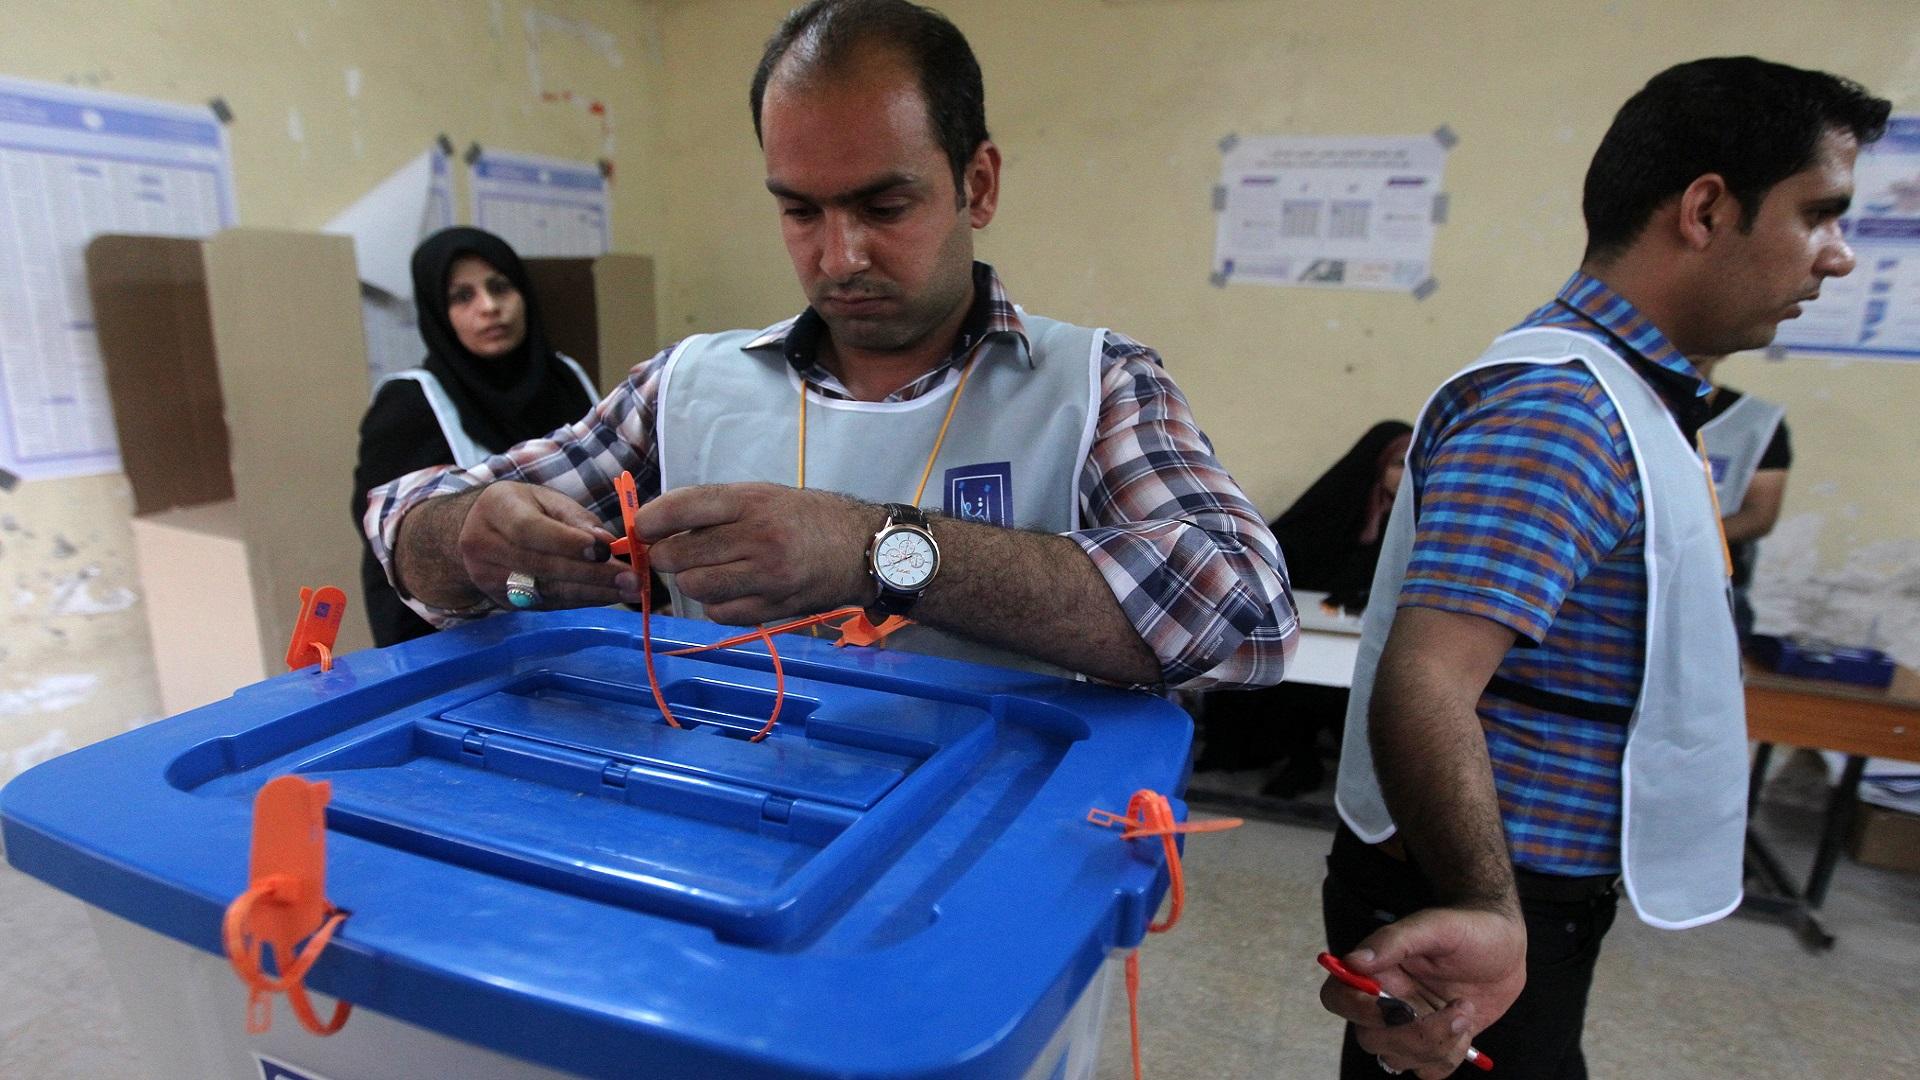 الأحزاب العراقية تبدأ بتشكيل تحالفاتها.. وخلاف بشأن موعد الانتخابات